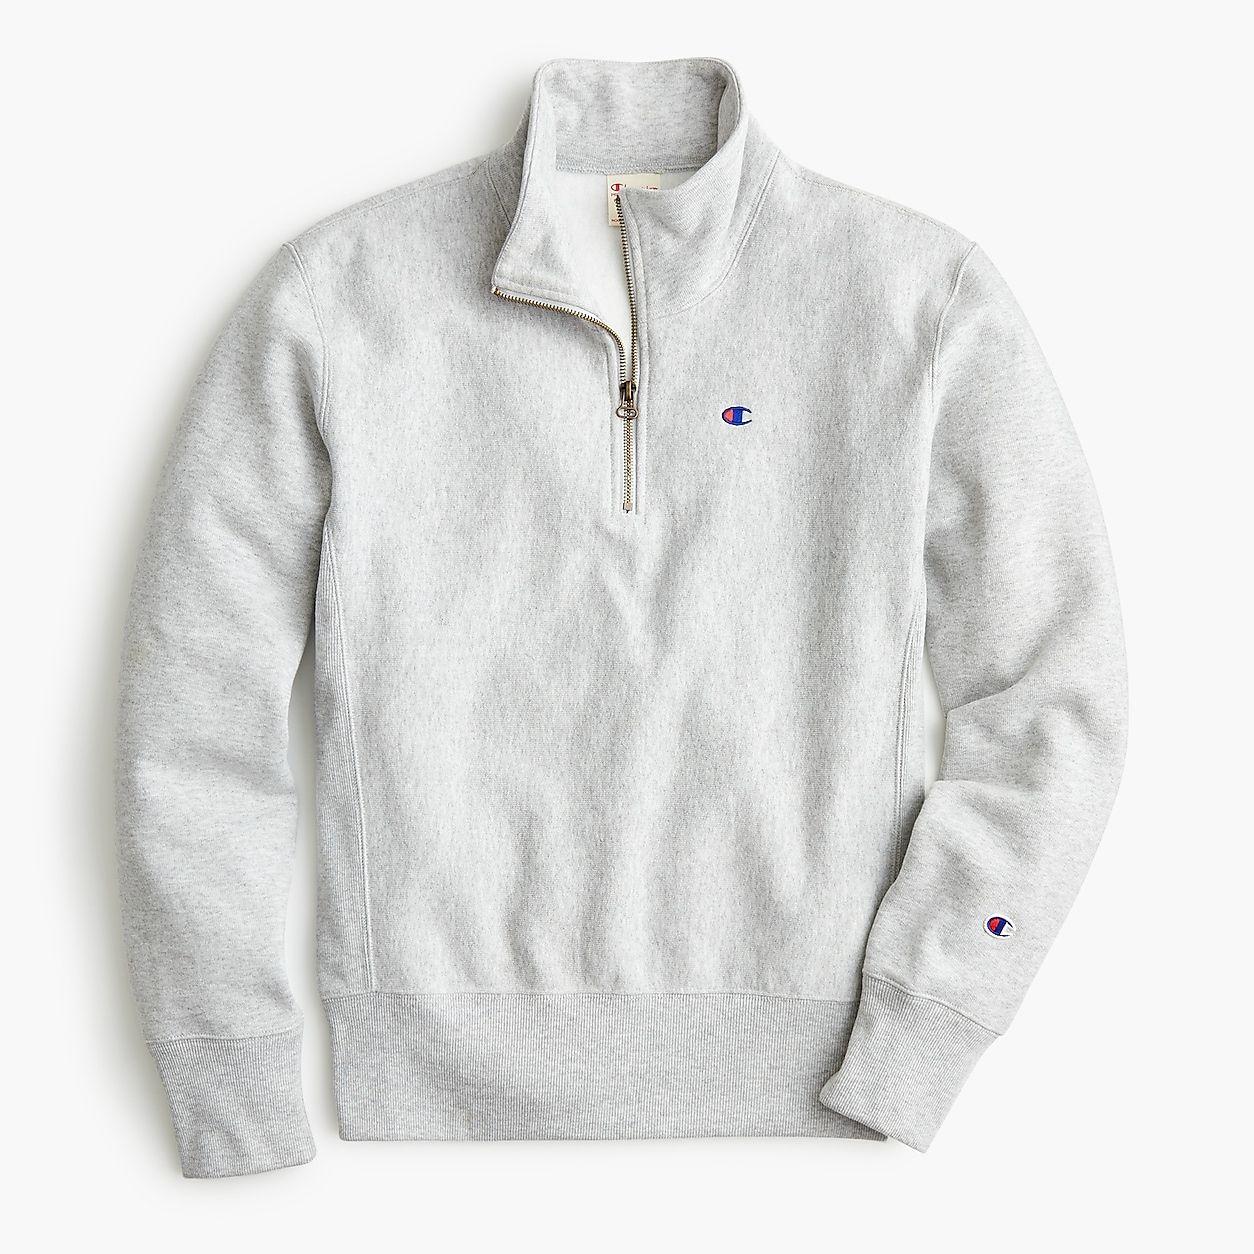 206c0026 Champion Half-Zip Pullover Sweatshirt | clothes. in 2019 | Half zip ...